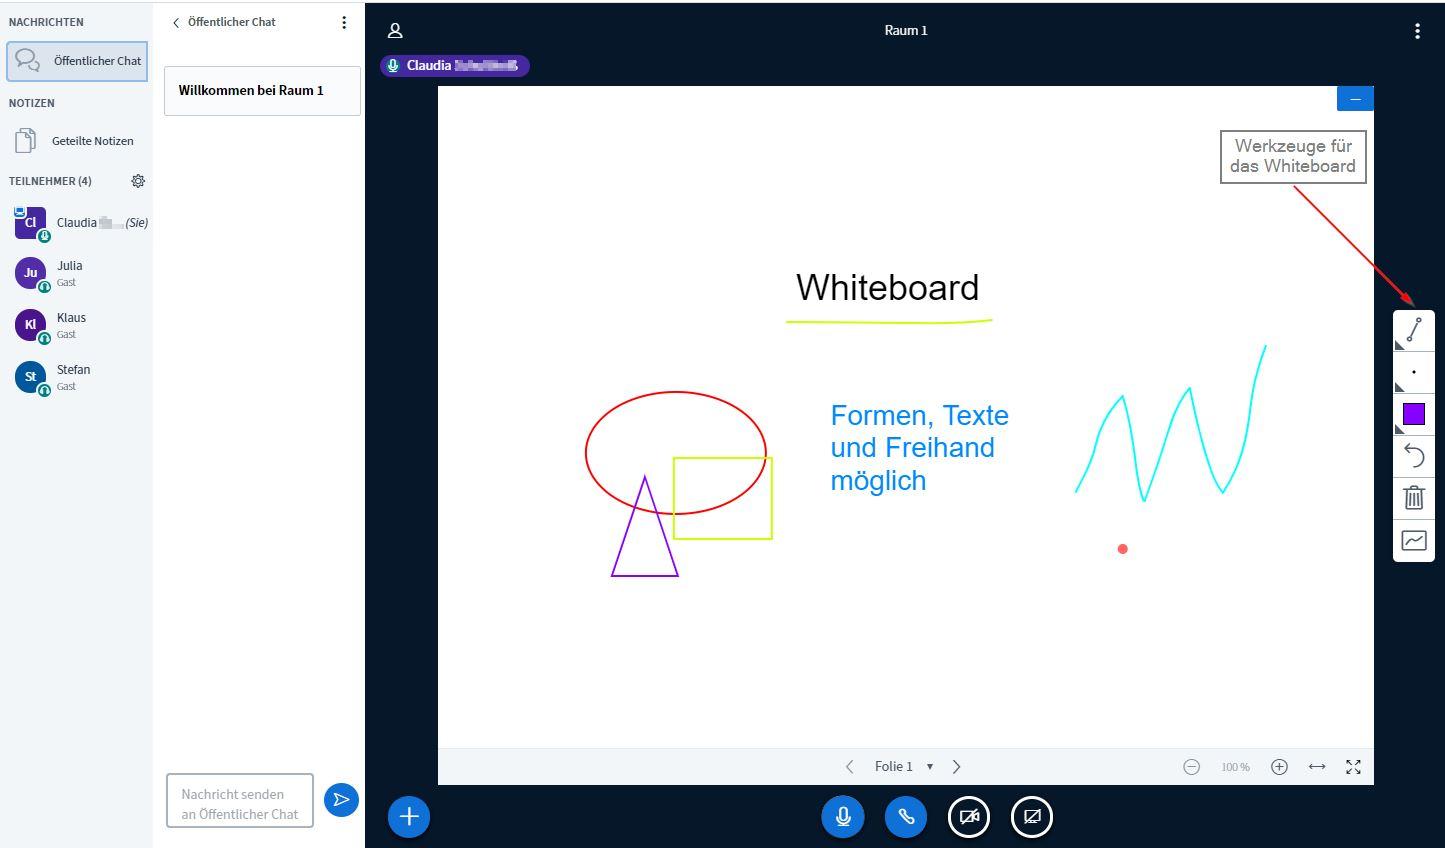 Whiteboard zum Schreiben, Malen, Zeichnen, auch für alle Teilnehmer